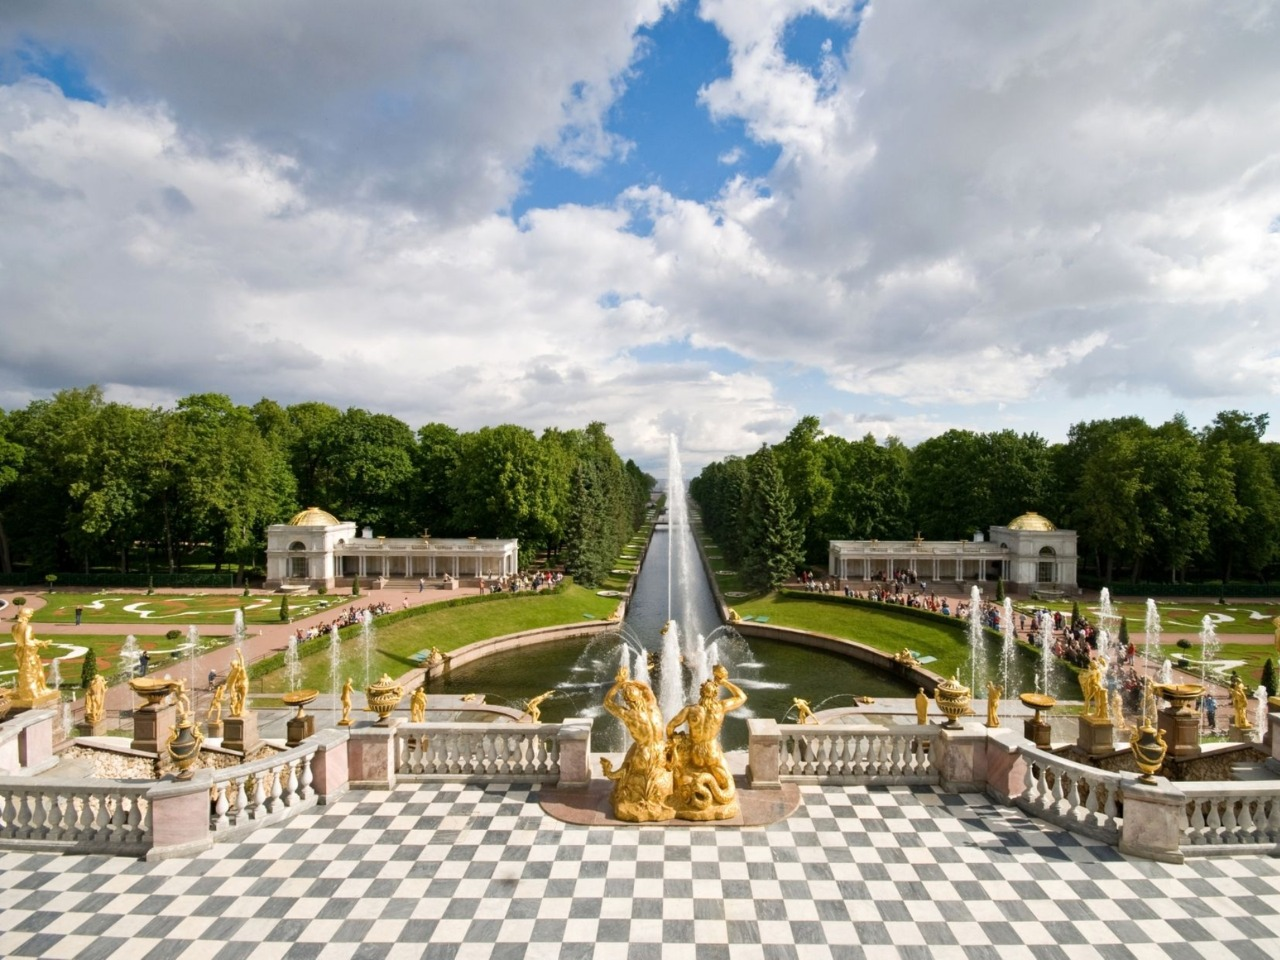 Петергофские чудеса: фонтаны и Большой дворец   - групповая экскурсия по Санкт-Петербургу от опытного гида